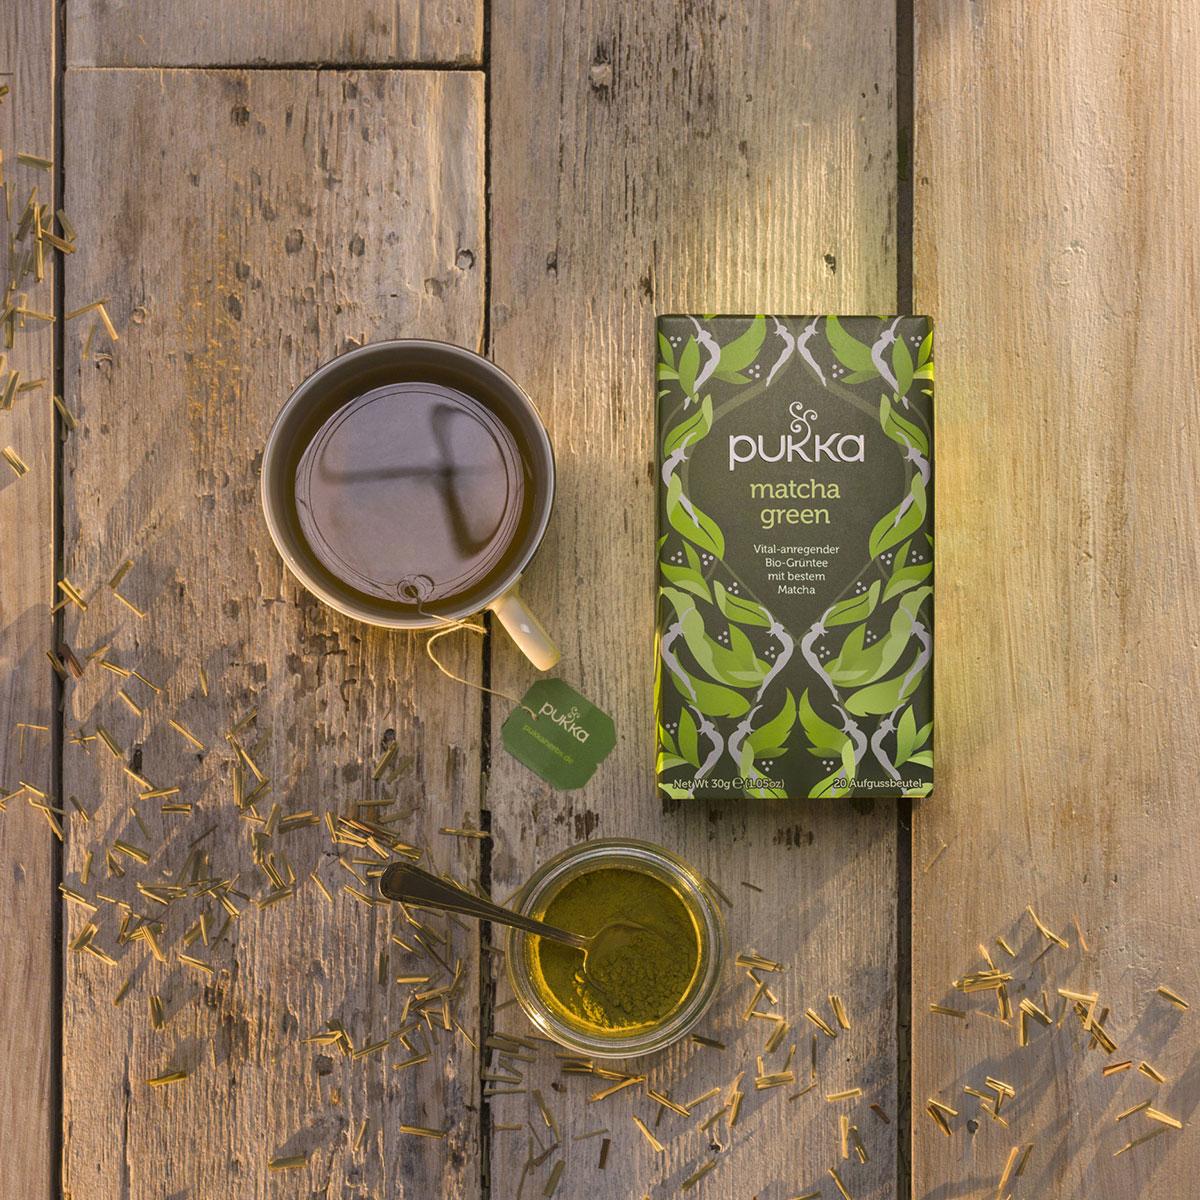 Eine Teetasse mit dem Matcha Green Tee von Pukka steht auf einem hölzernenen Untergrund neben einem Glas mit grünem Matchapulver und der für Pukka Tees typisch auffällig designten Verpackung.